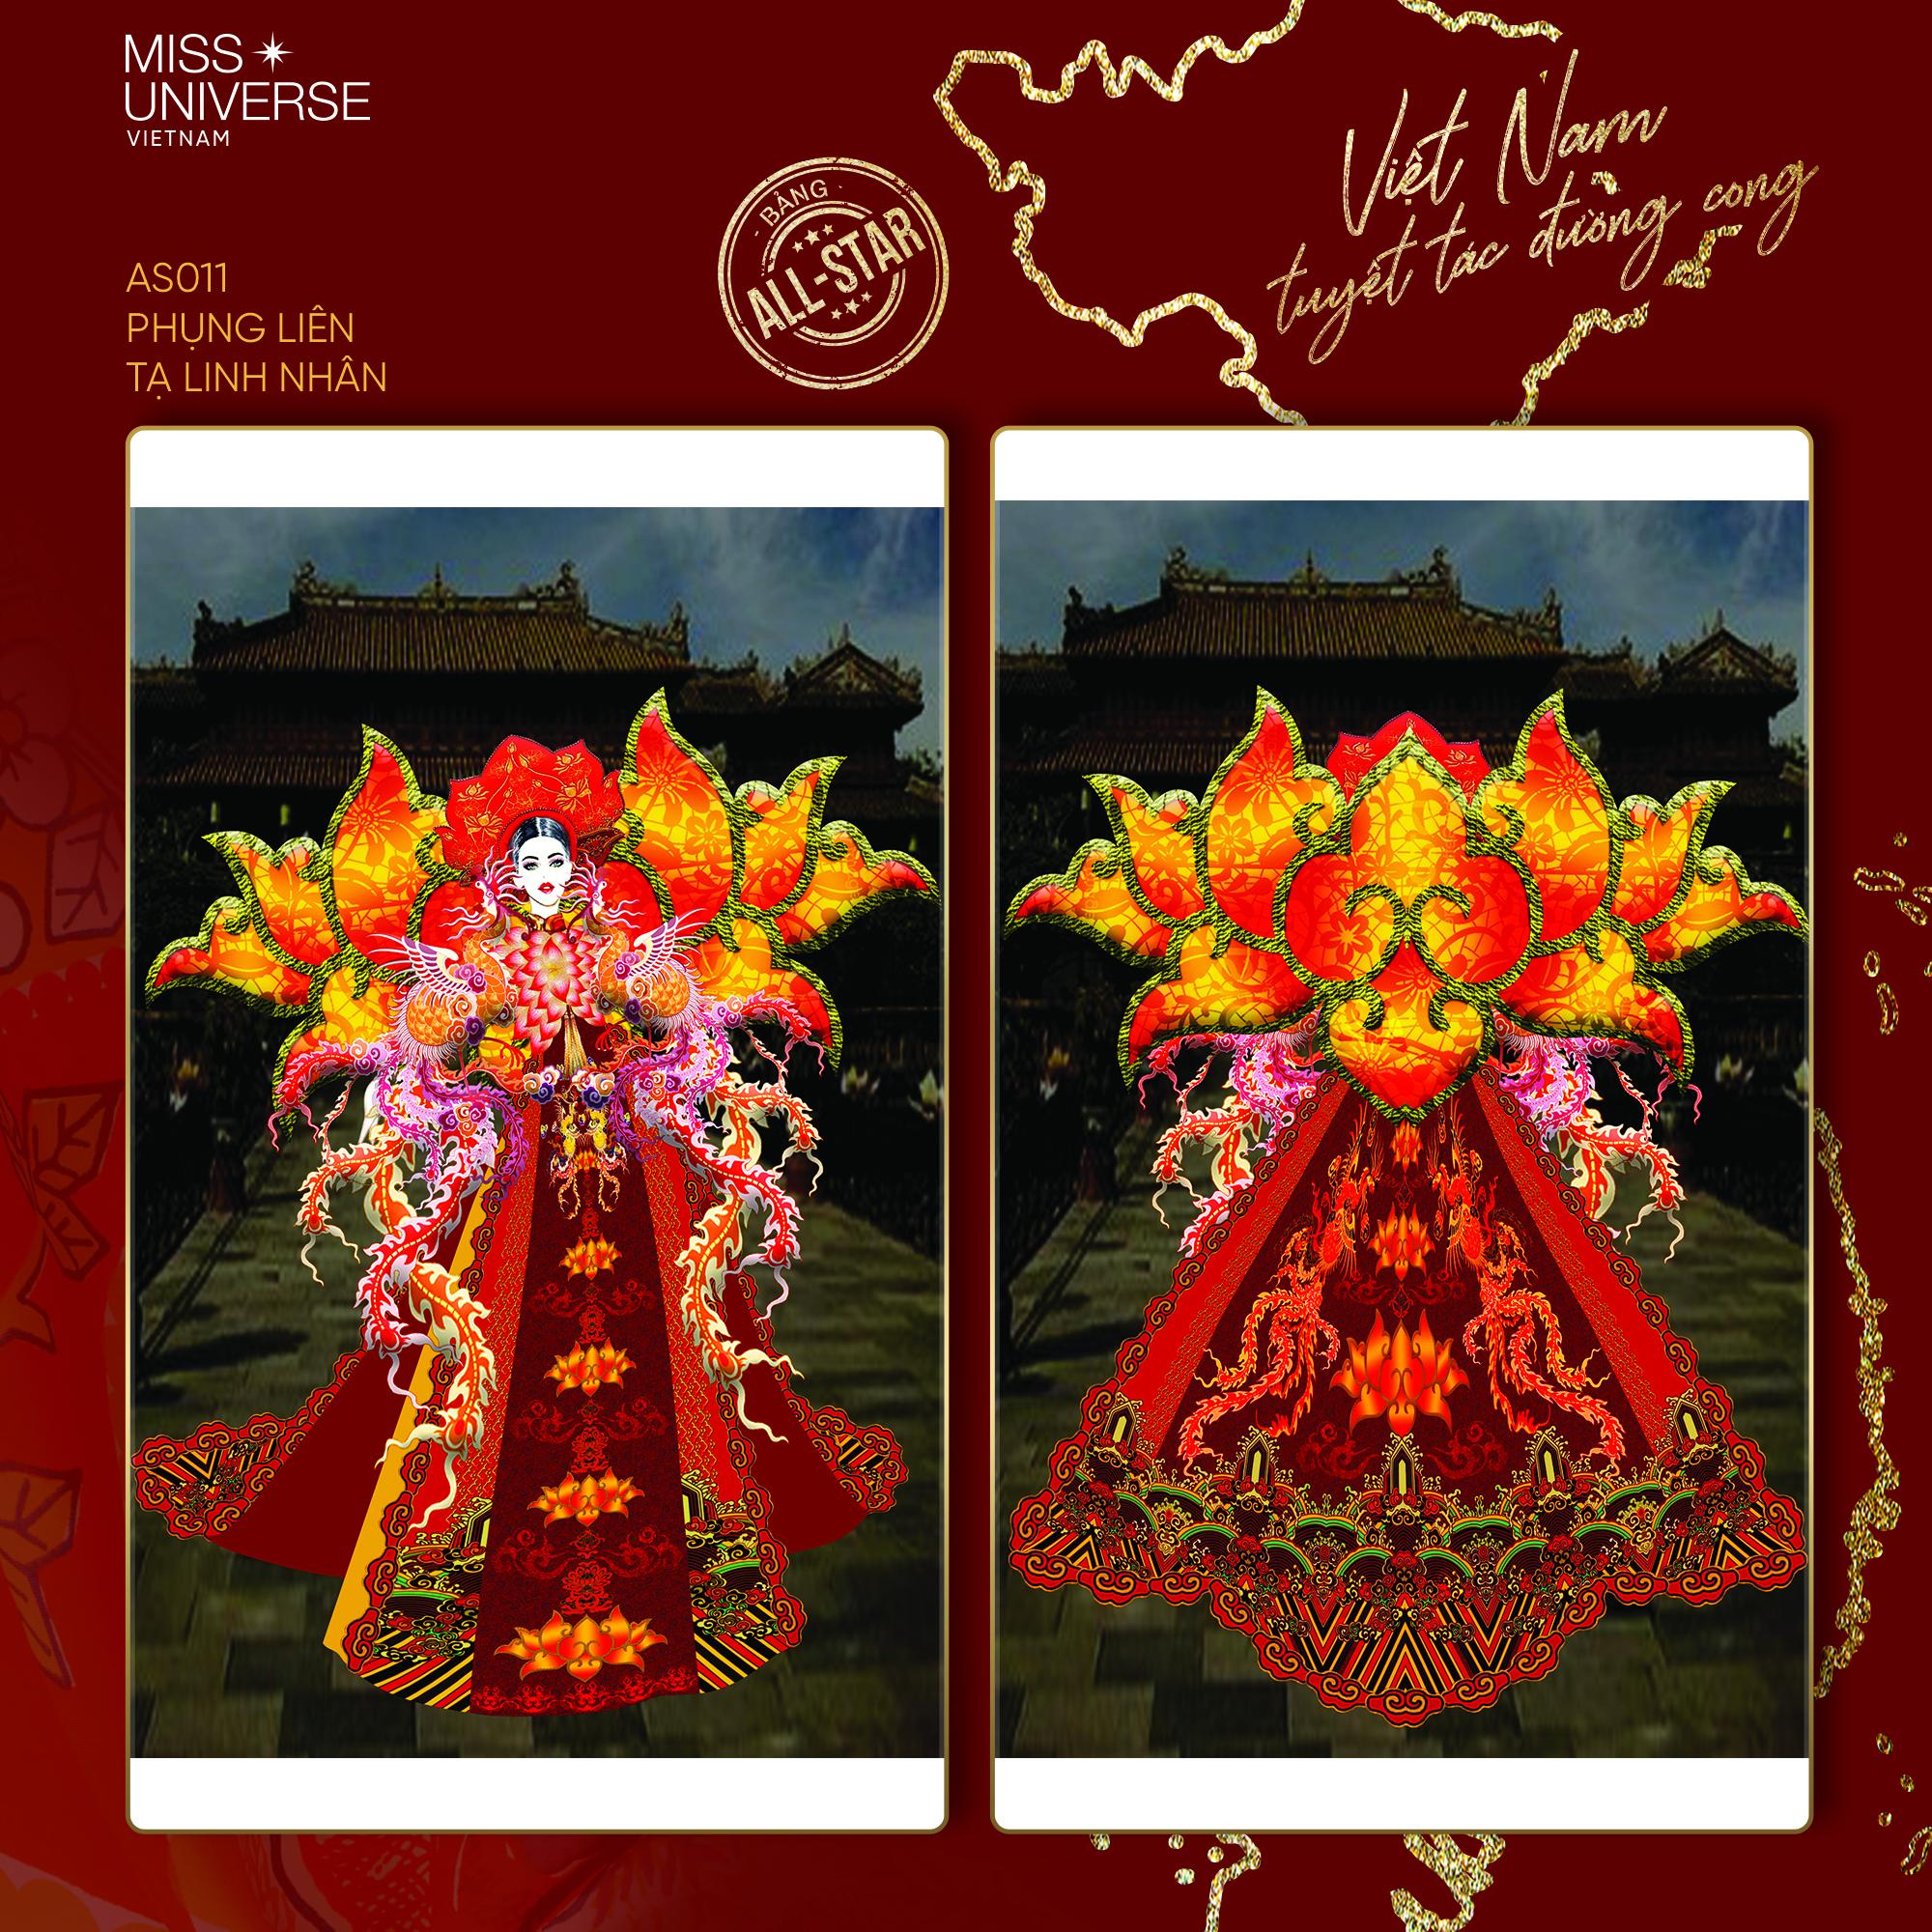 Chủ nhân National Costume Nàng Mây thiết kế váy tàu điện Metro cho Khánh Vân: Cổng trường cũng thành trang phục cực chất Ảnh 6